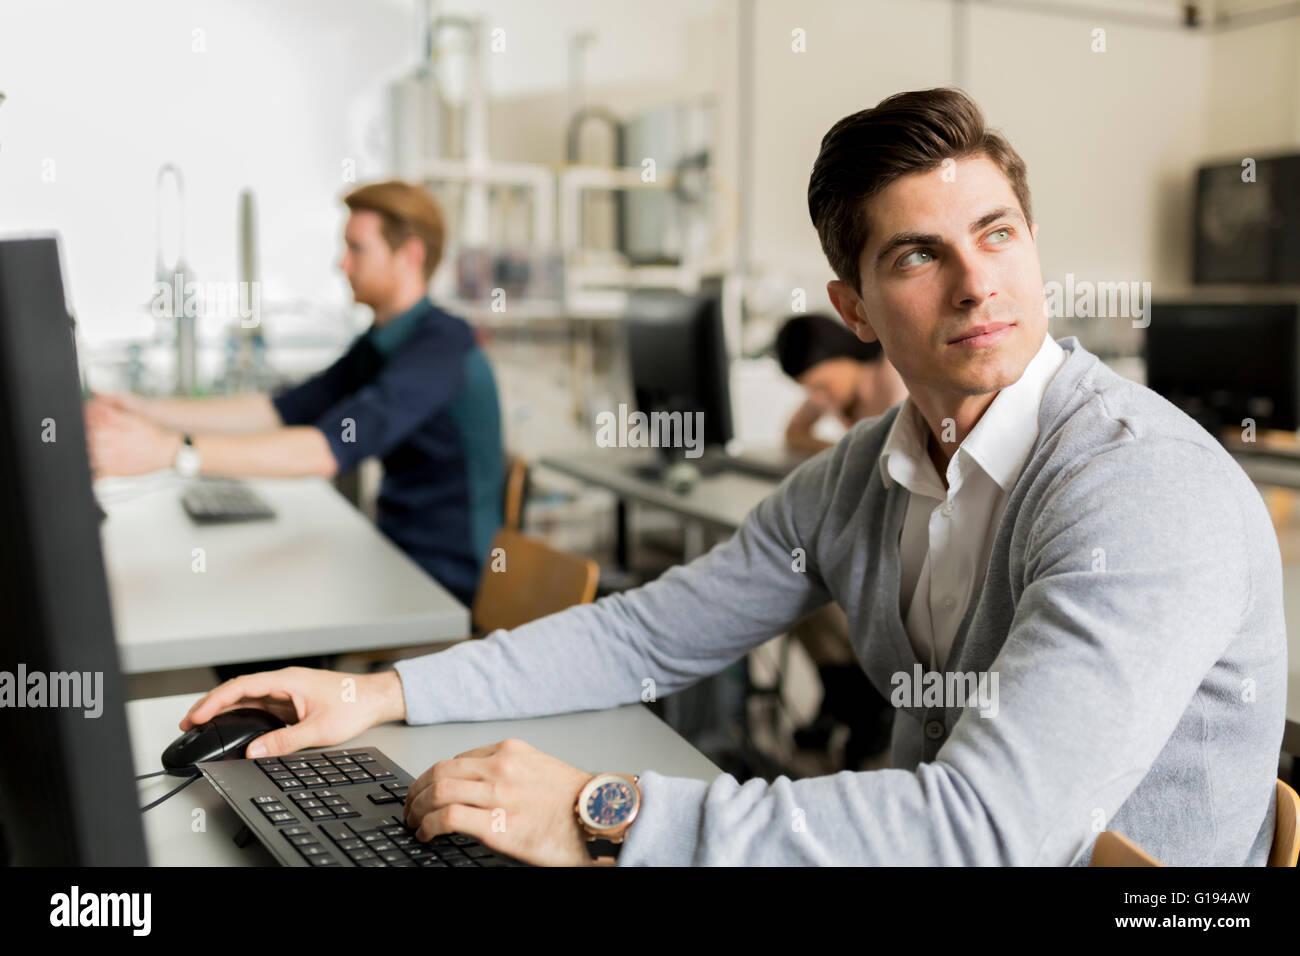 Bel giovane studente utilizzando il computer in aula Immagini Stock